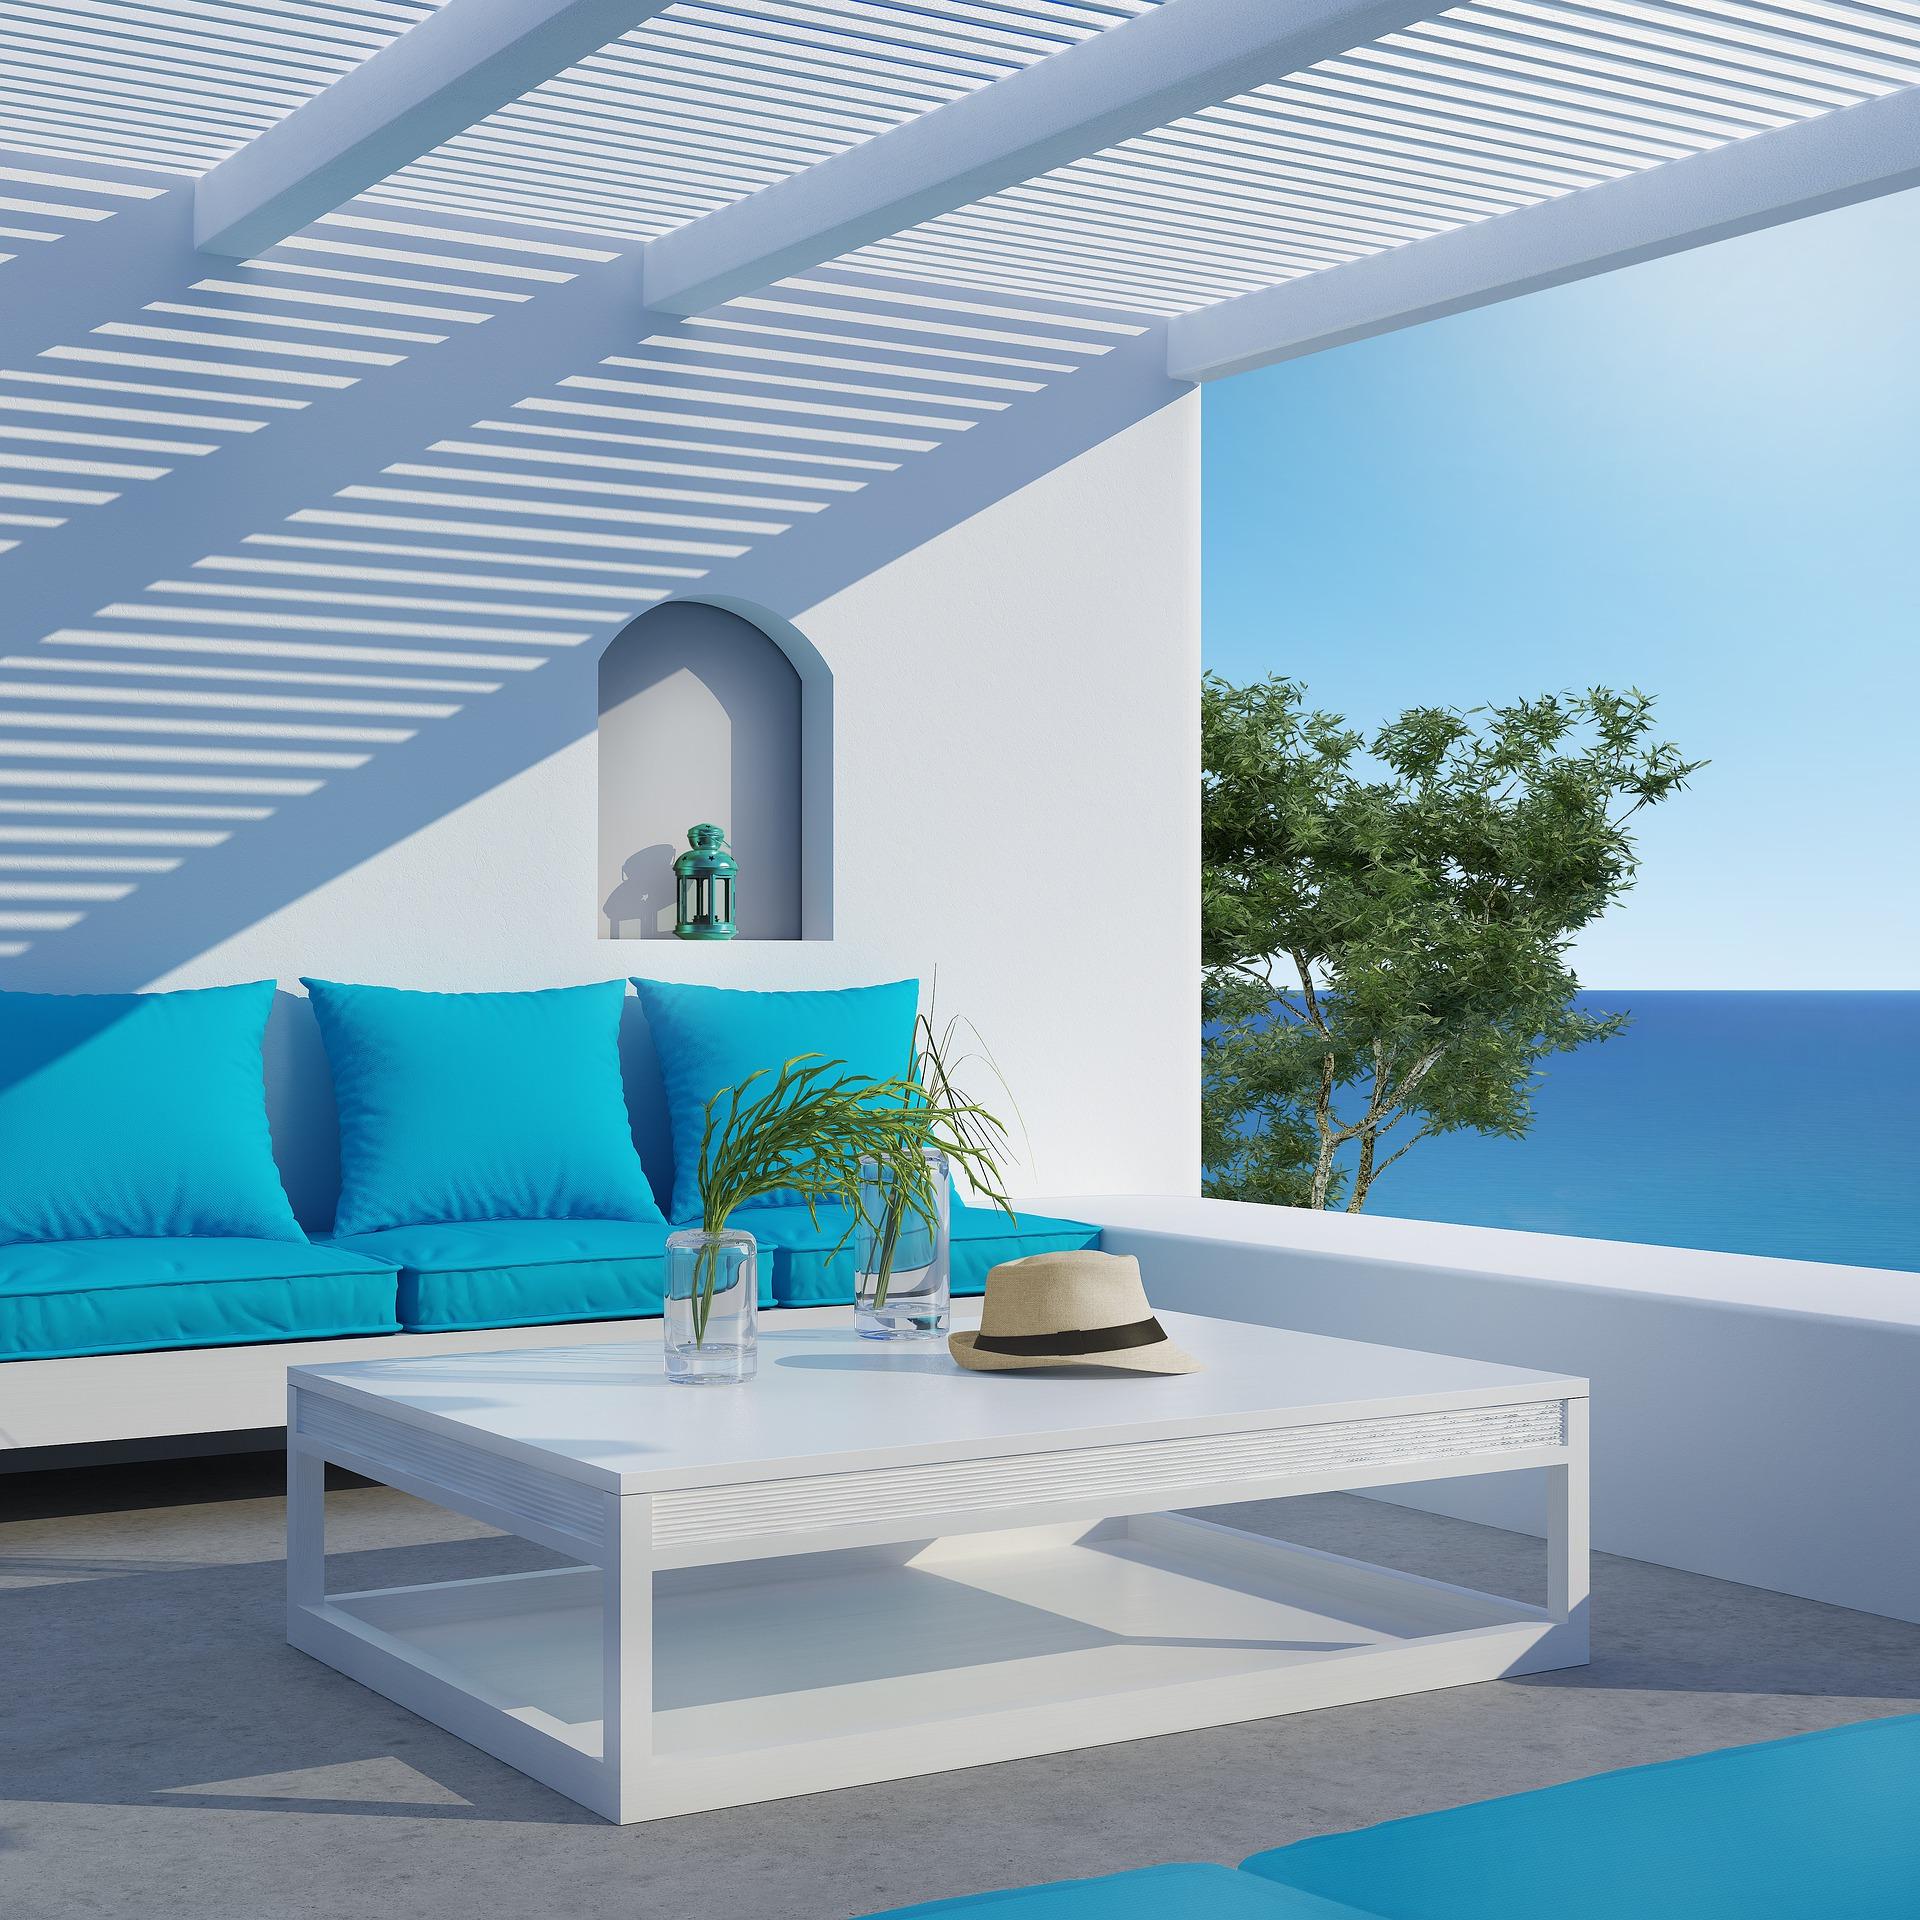 Arredo giardino azzurro: come decorare outdoor